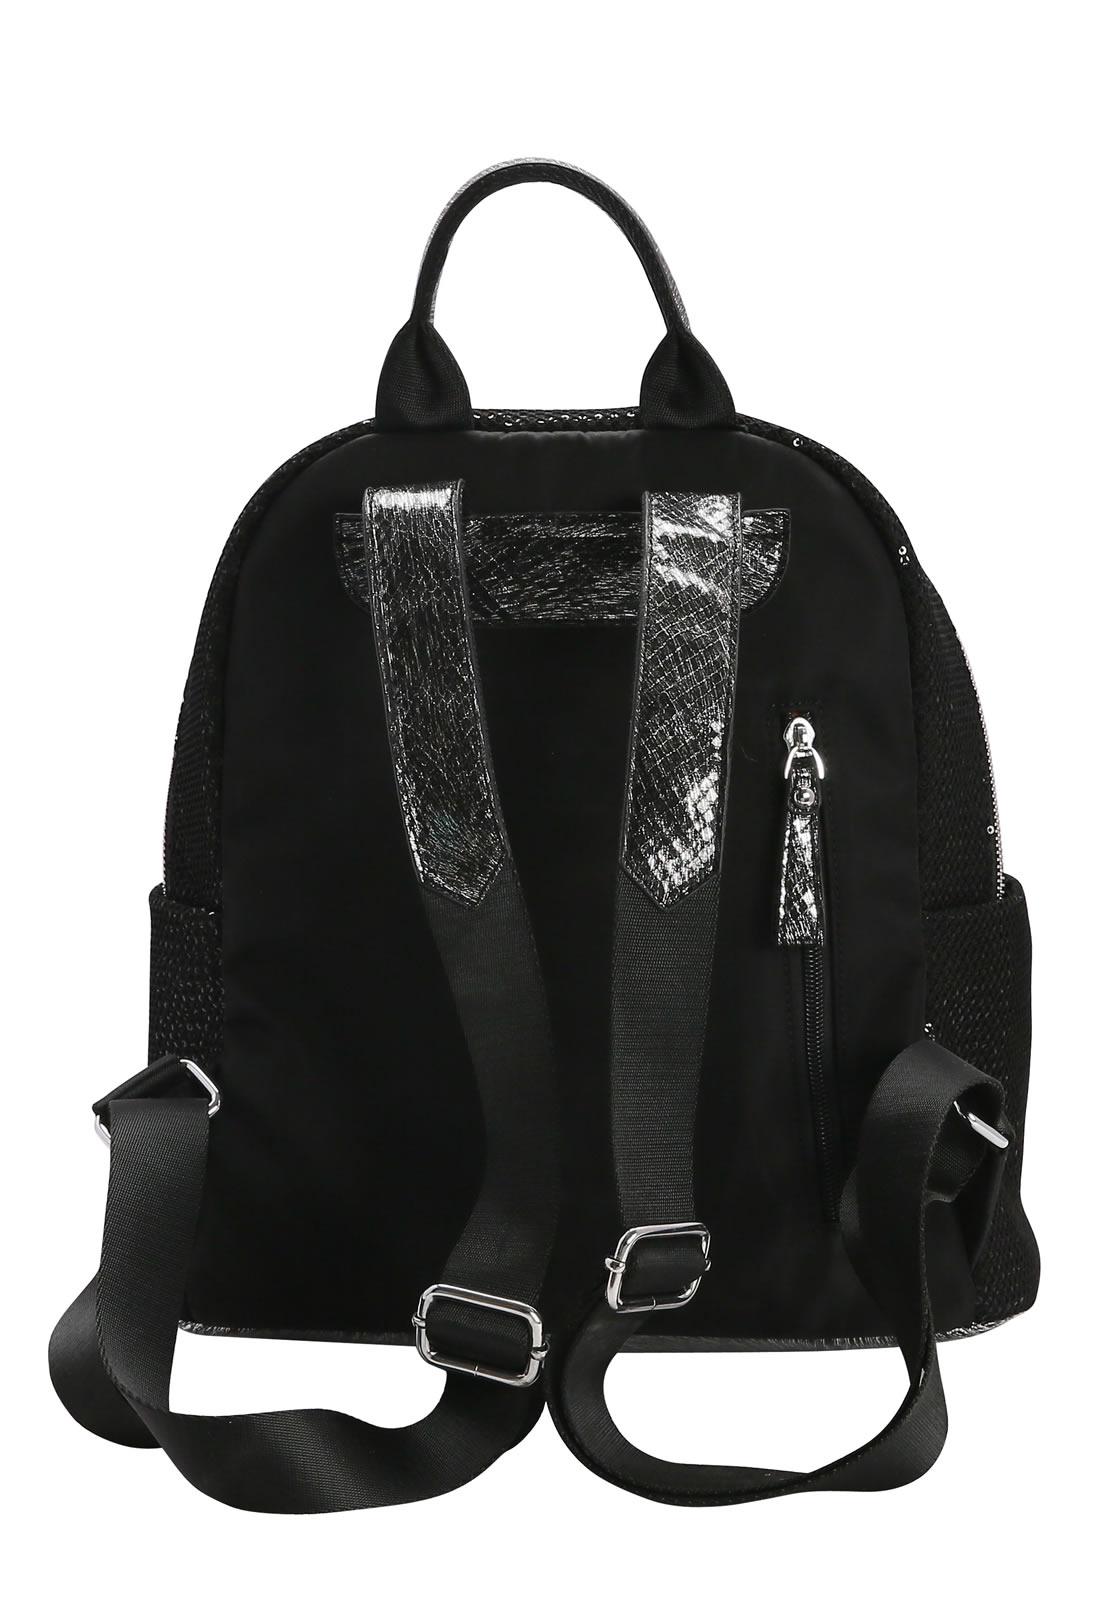 Bolsa Mochila Feminina de Costas Streetwear Brilho Chenson Preta